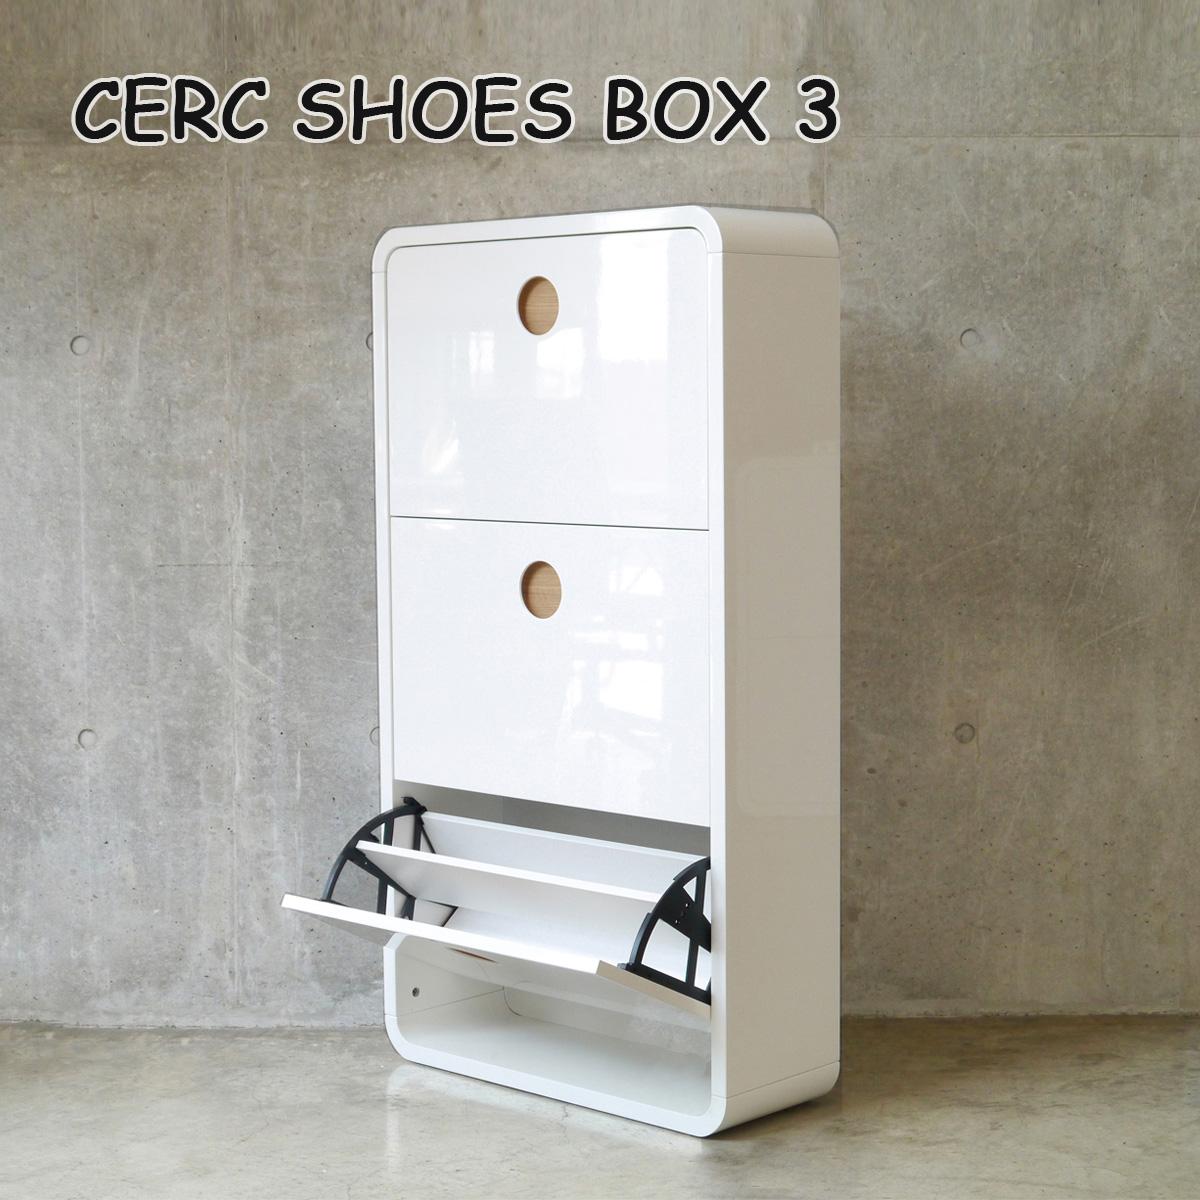 セルク シューズボックス 3段 CERC SHOES BOX 3 白 ホワイト完成品 フラップ扉 奥行き24cm スリムタイプ シンプル 転倒防止 moderato3